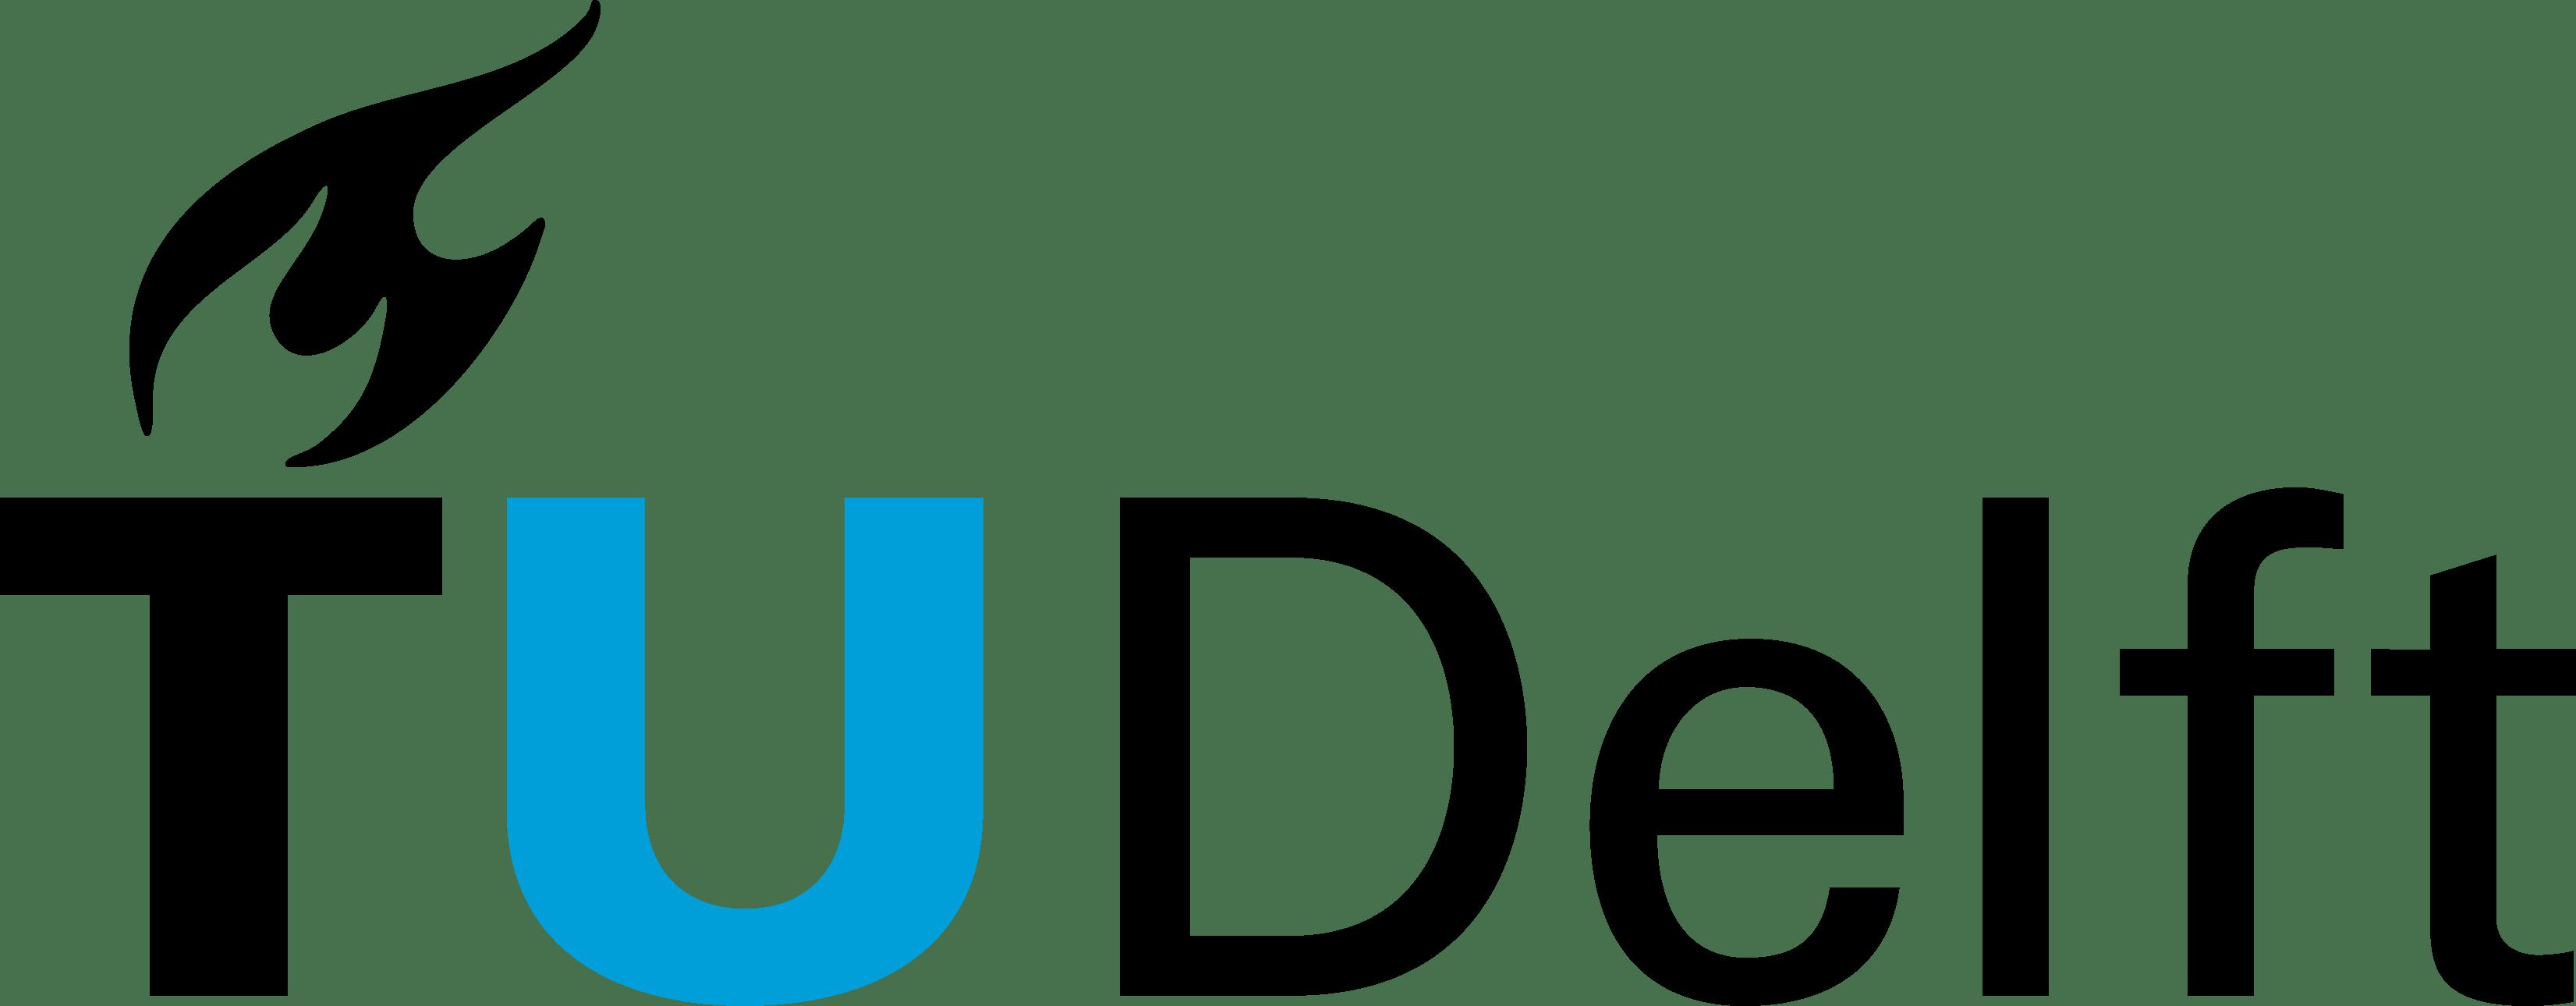 Afbeeldingsresultaat voor TU delft